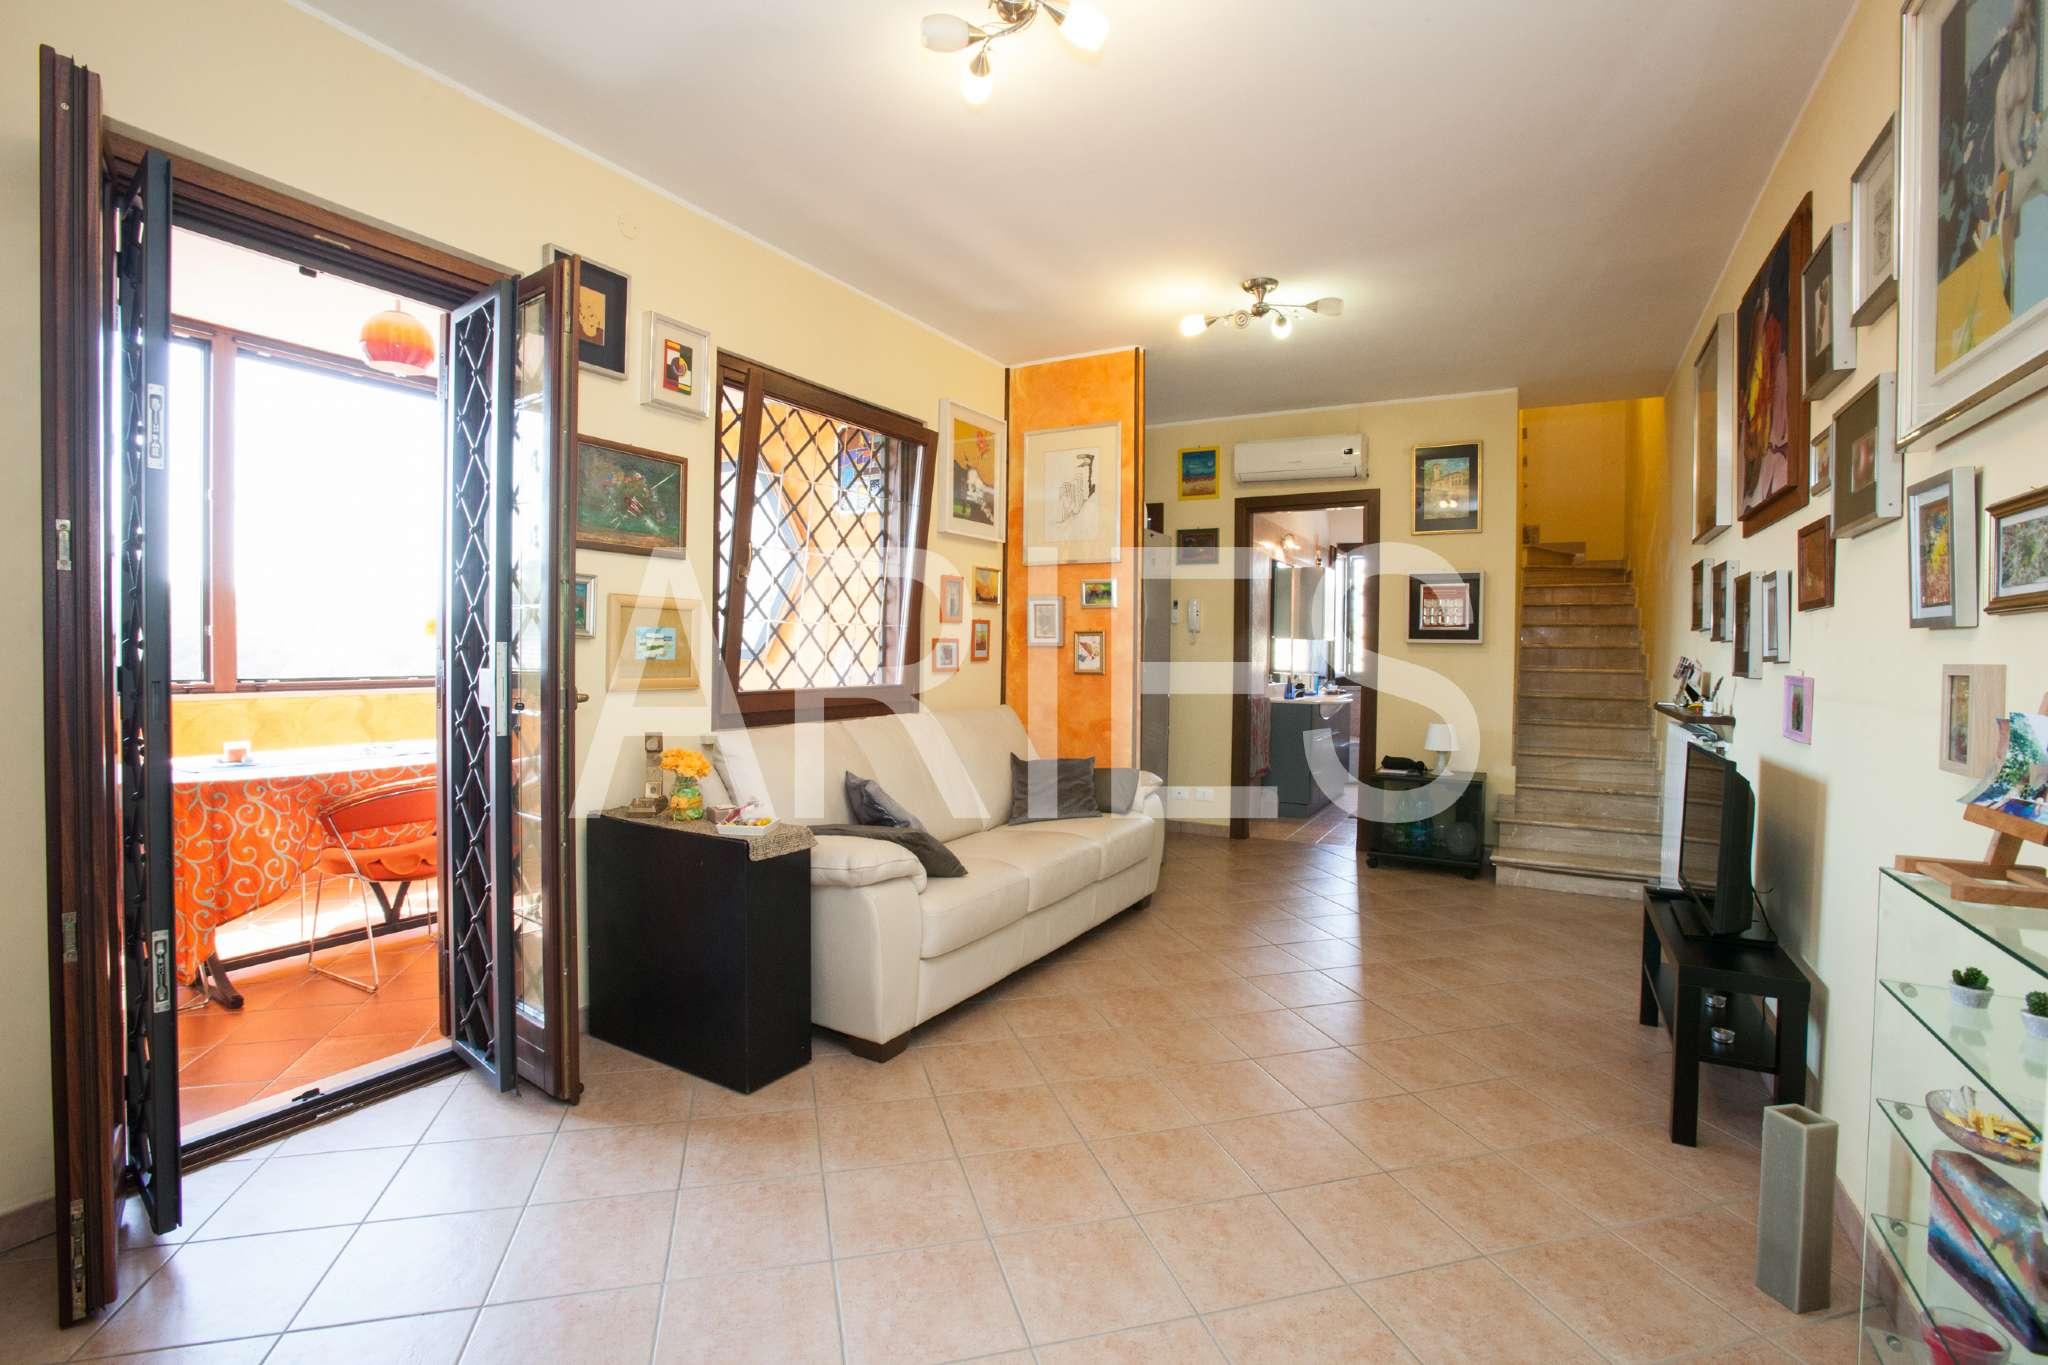 Appartamento in vendita 3 vani 70 mq.  via di Malafede Roma